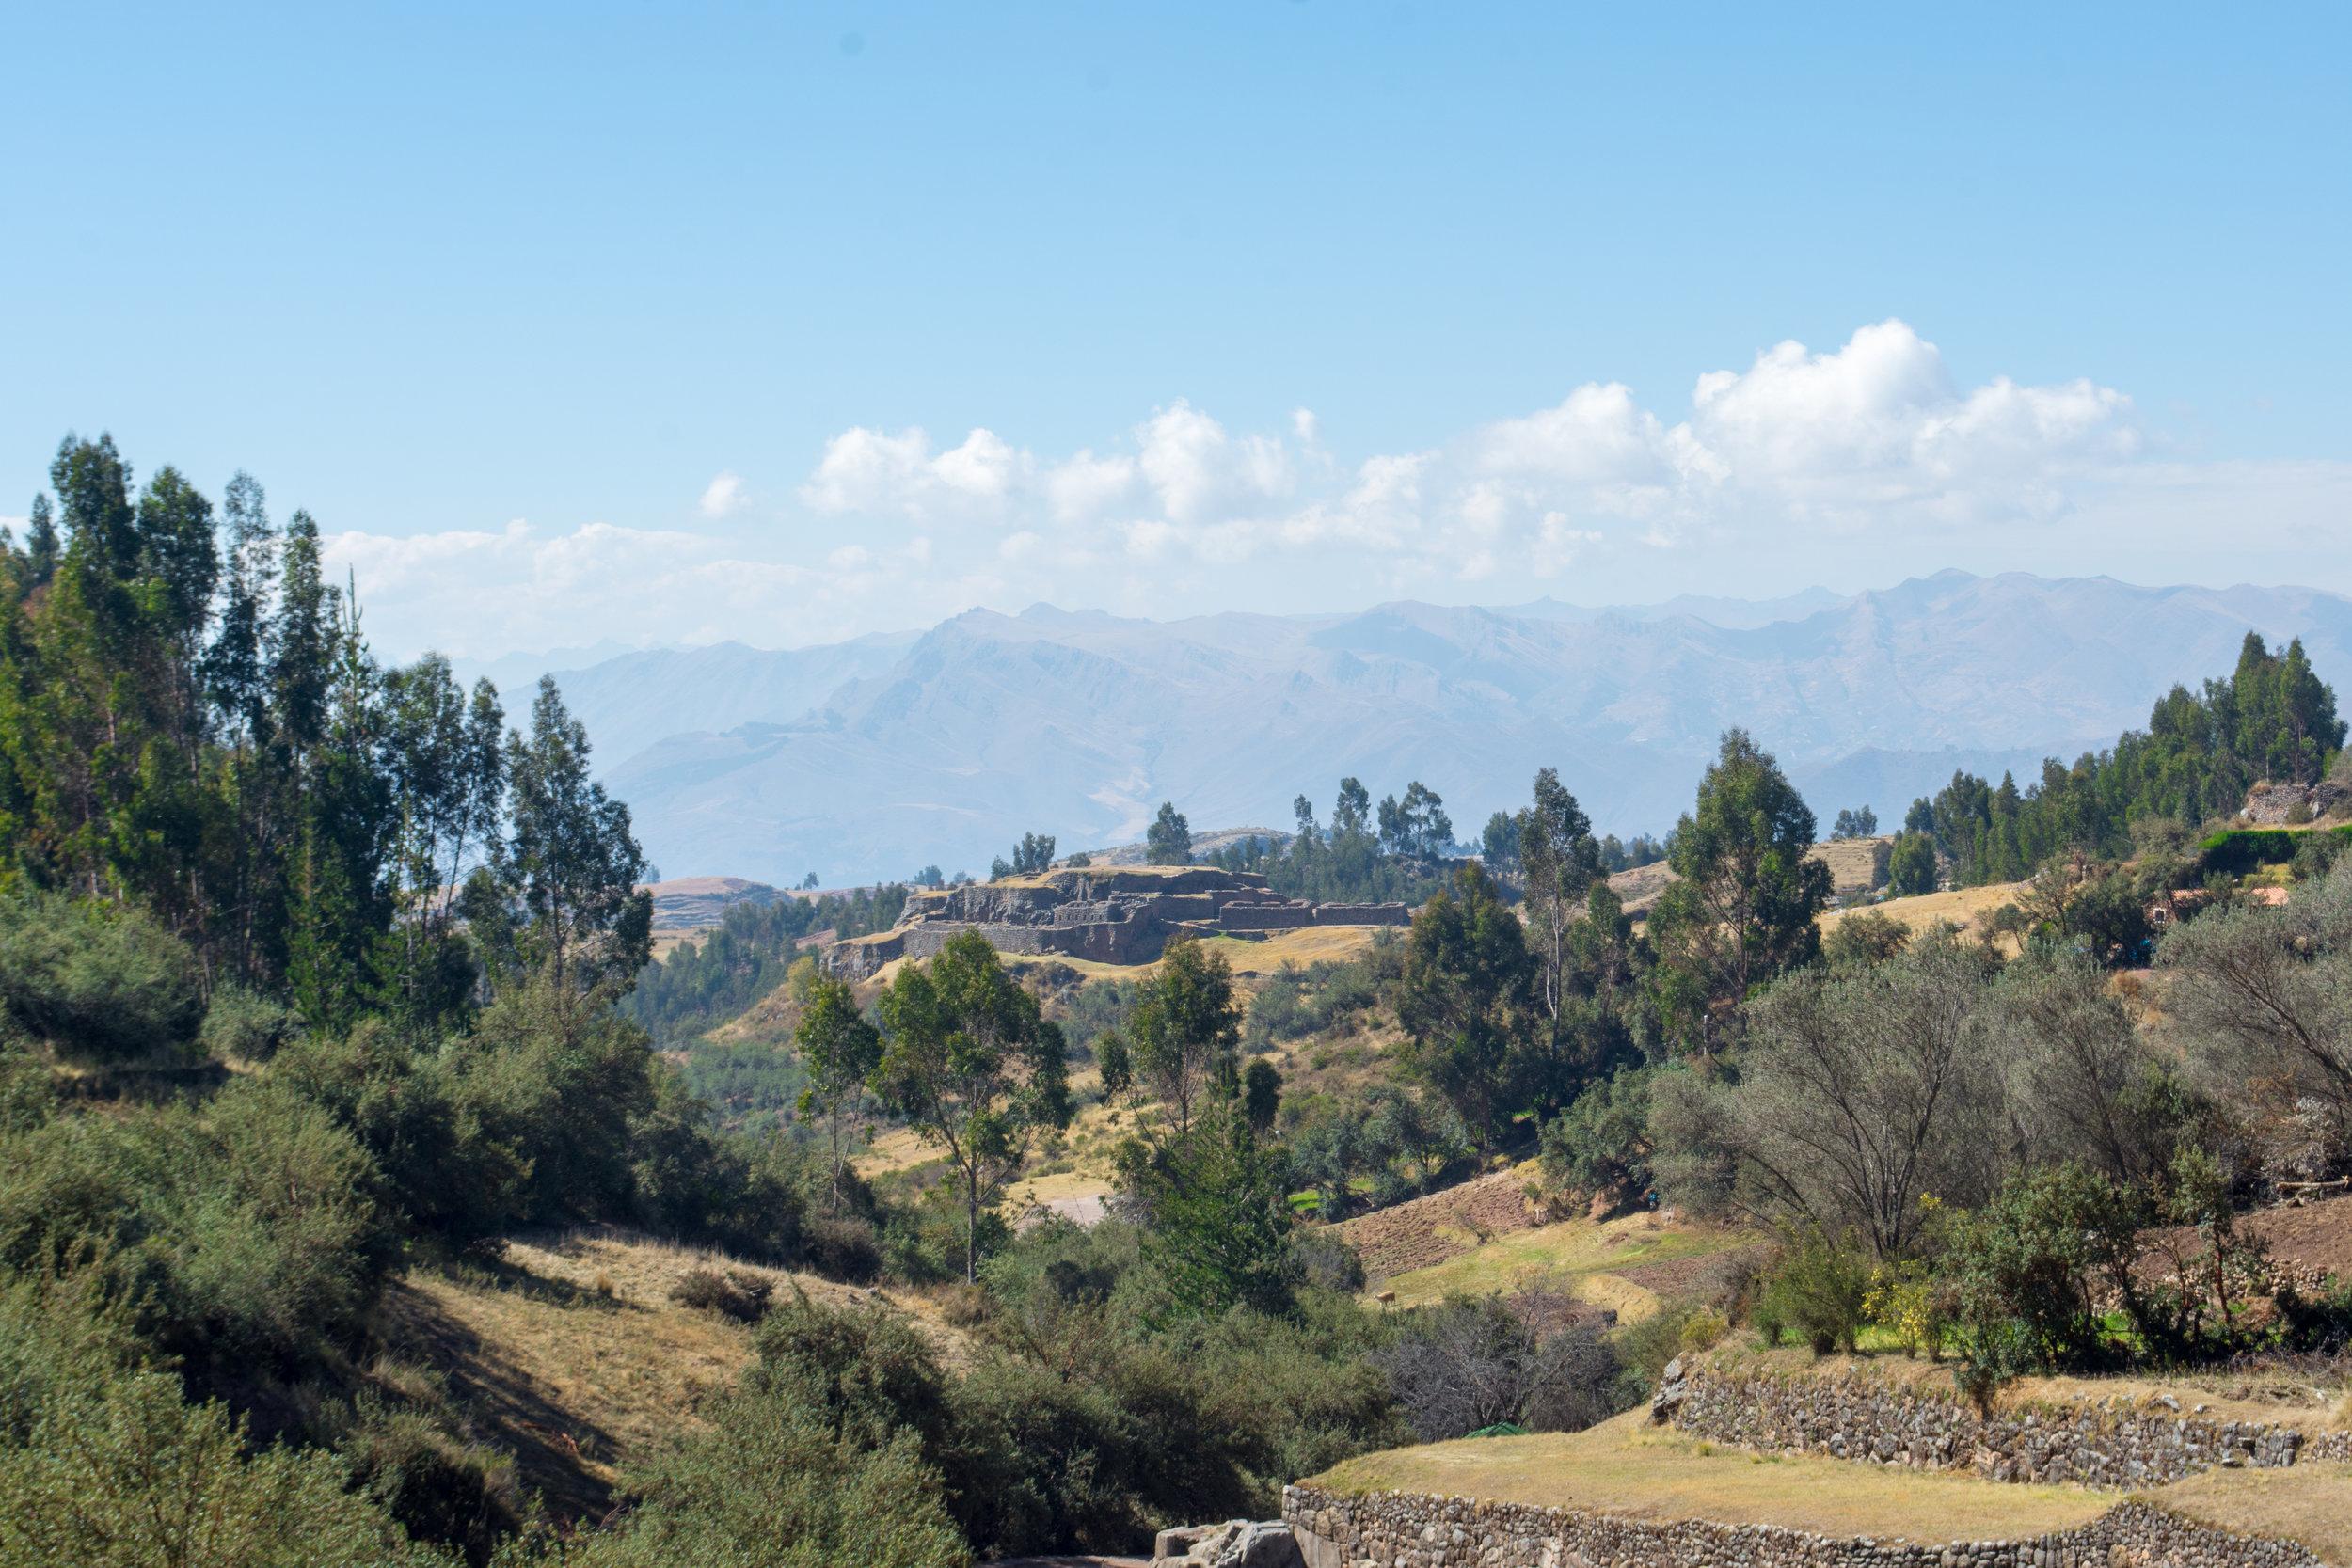 View of Puka Pukara from Tambomachay